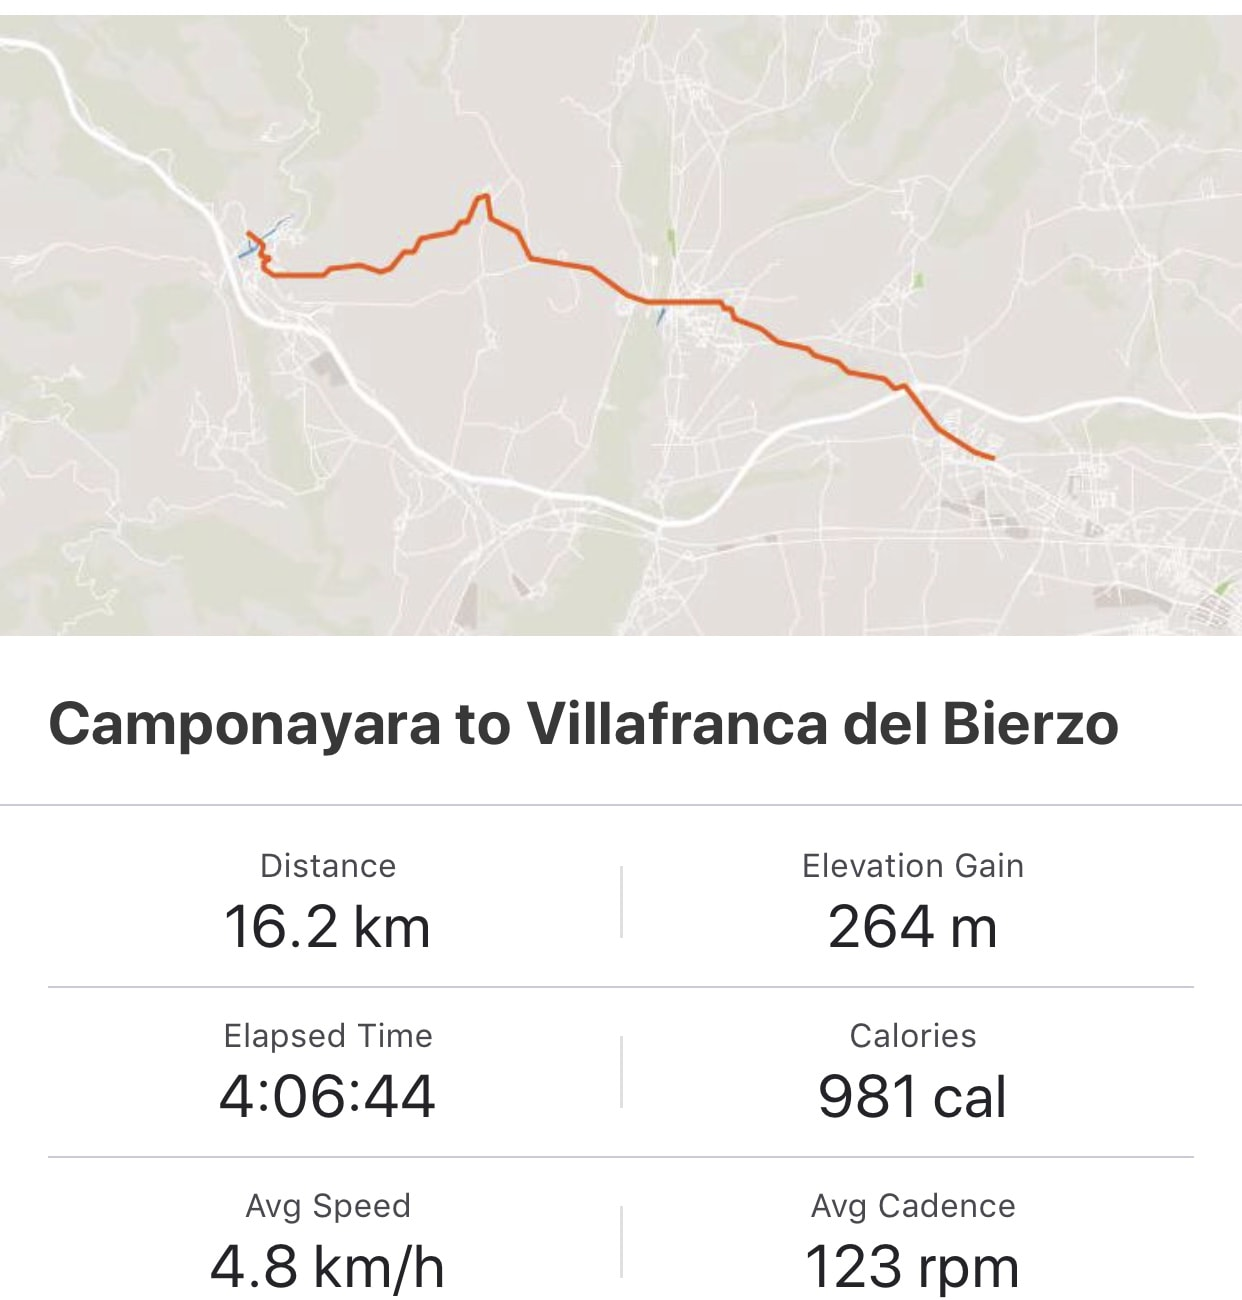 Strava: Camponayara to Villafranca del Bierzo